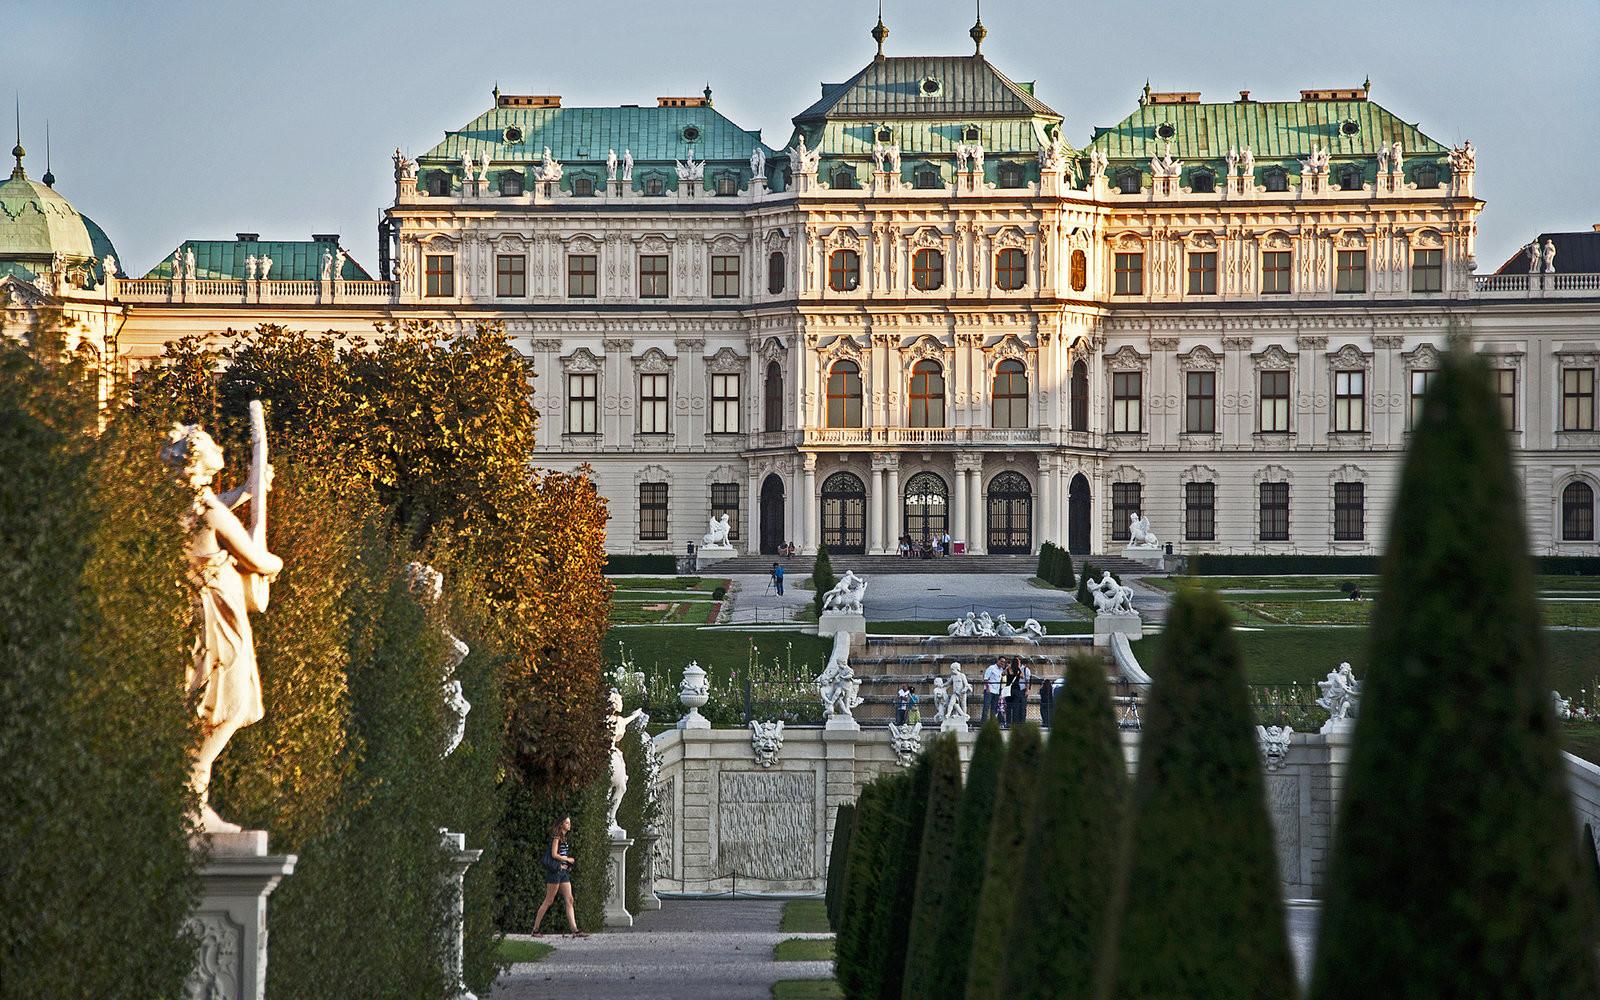 Erasmusowe doświadczenie w Wiedniu, austria oczami Asaad